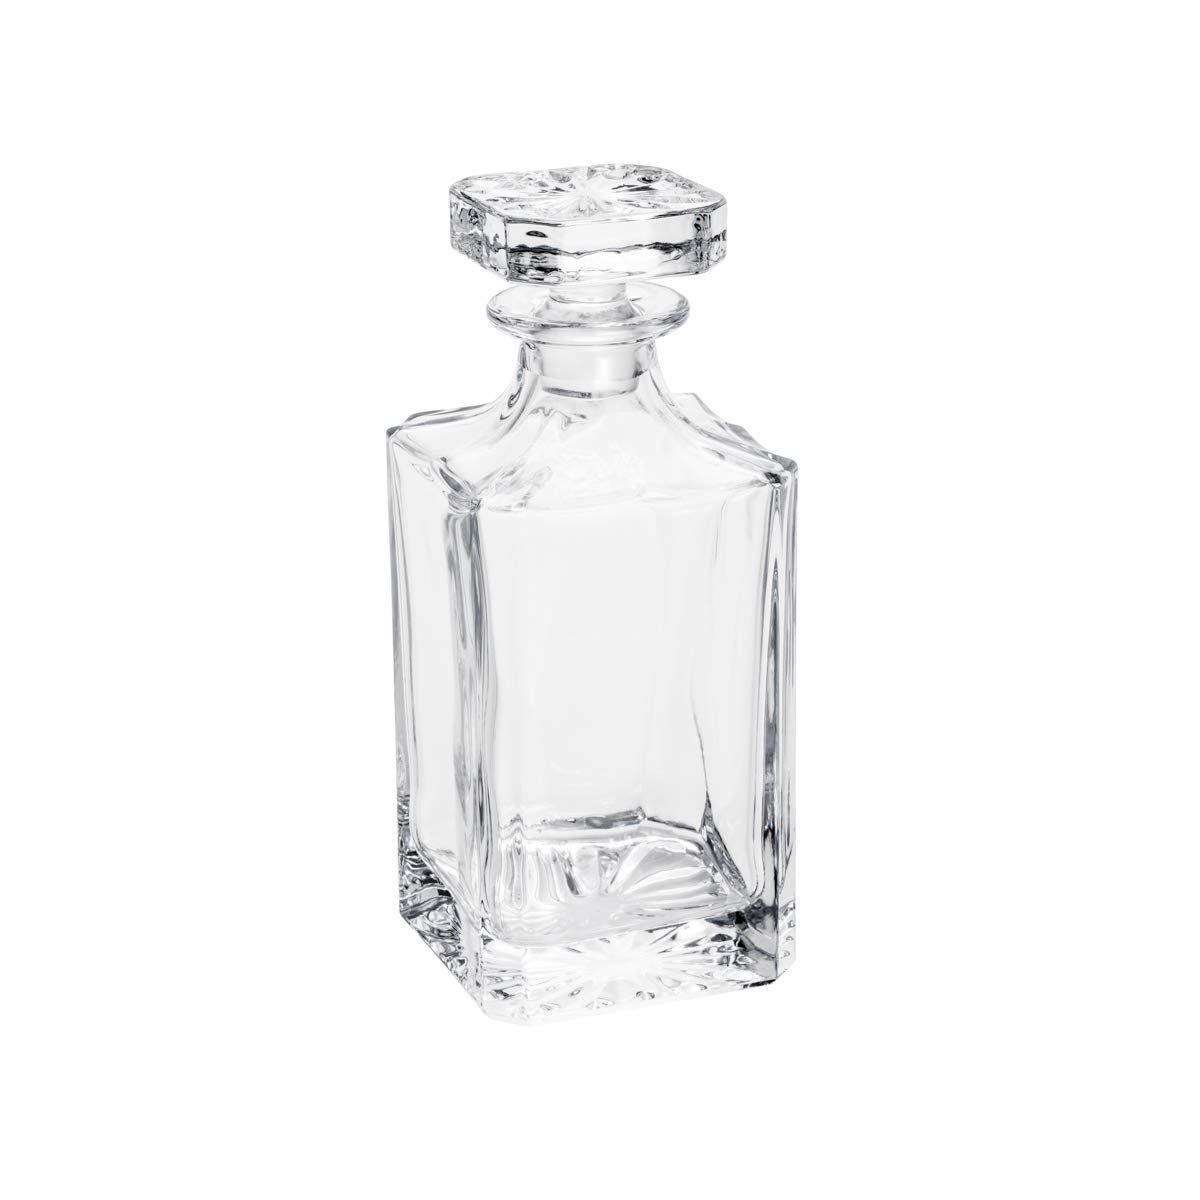 Garrafa de Cristal Wolff Lattice Bud 650ml - 2932